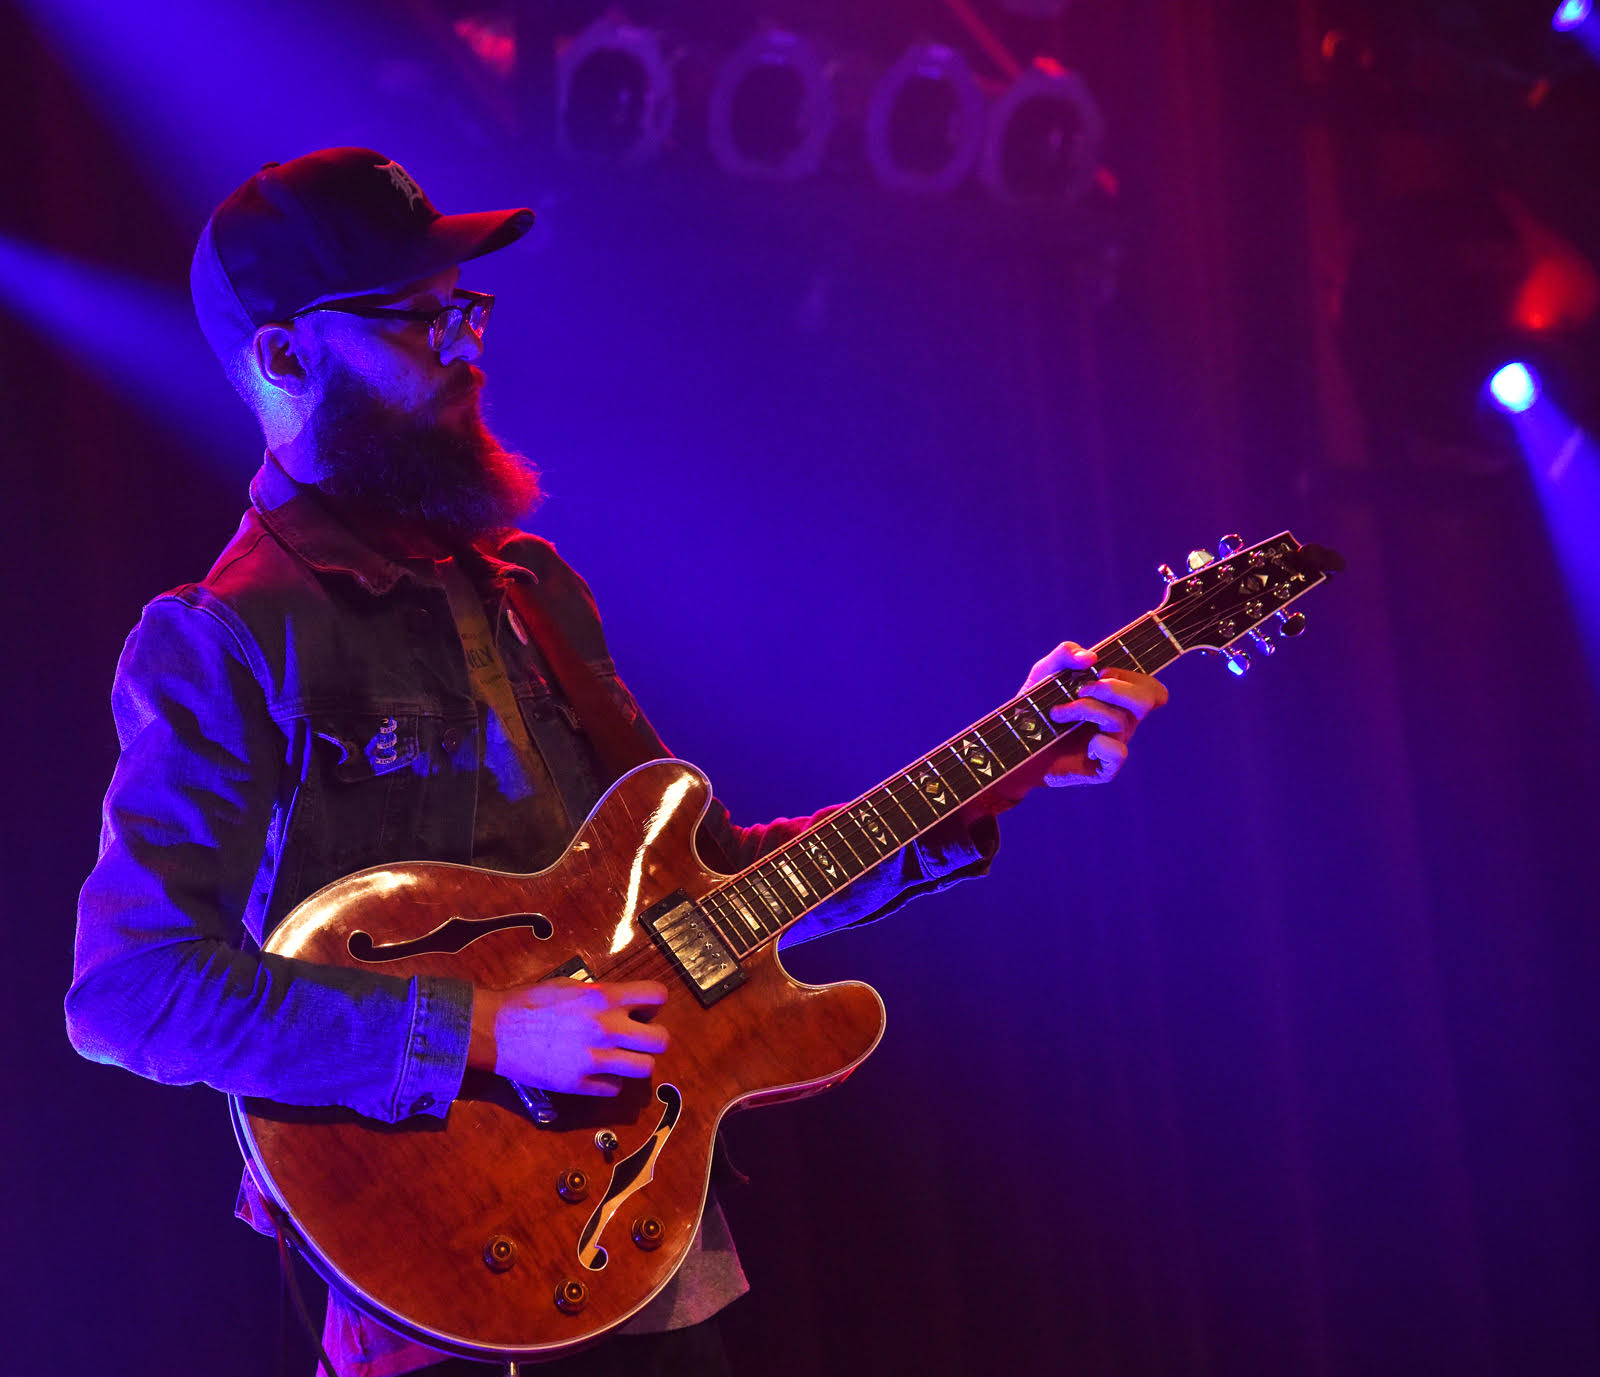 Andrew Wozniak - Guitars